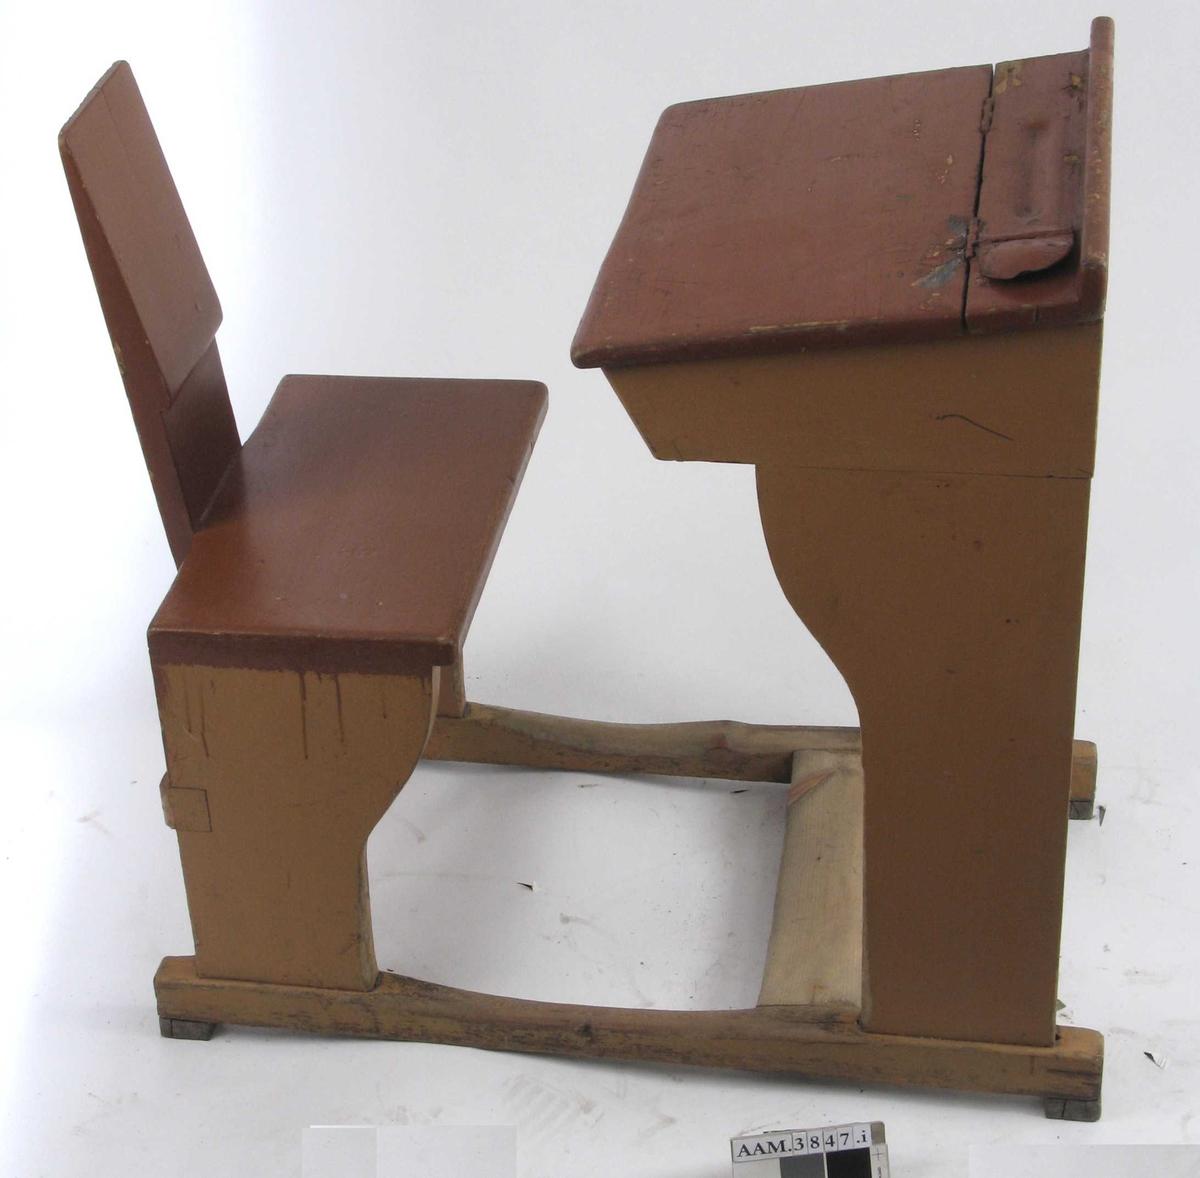 Form: Vanger m. pult og stol i ett. Rom for oppbevaring under plata.  Ådring på sidene. Avflasset på pultlokk. Blåfarget i kasse under lokk. TN har laget malingtrapp på lokket. Viser at pulten er malt 13 ganger.